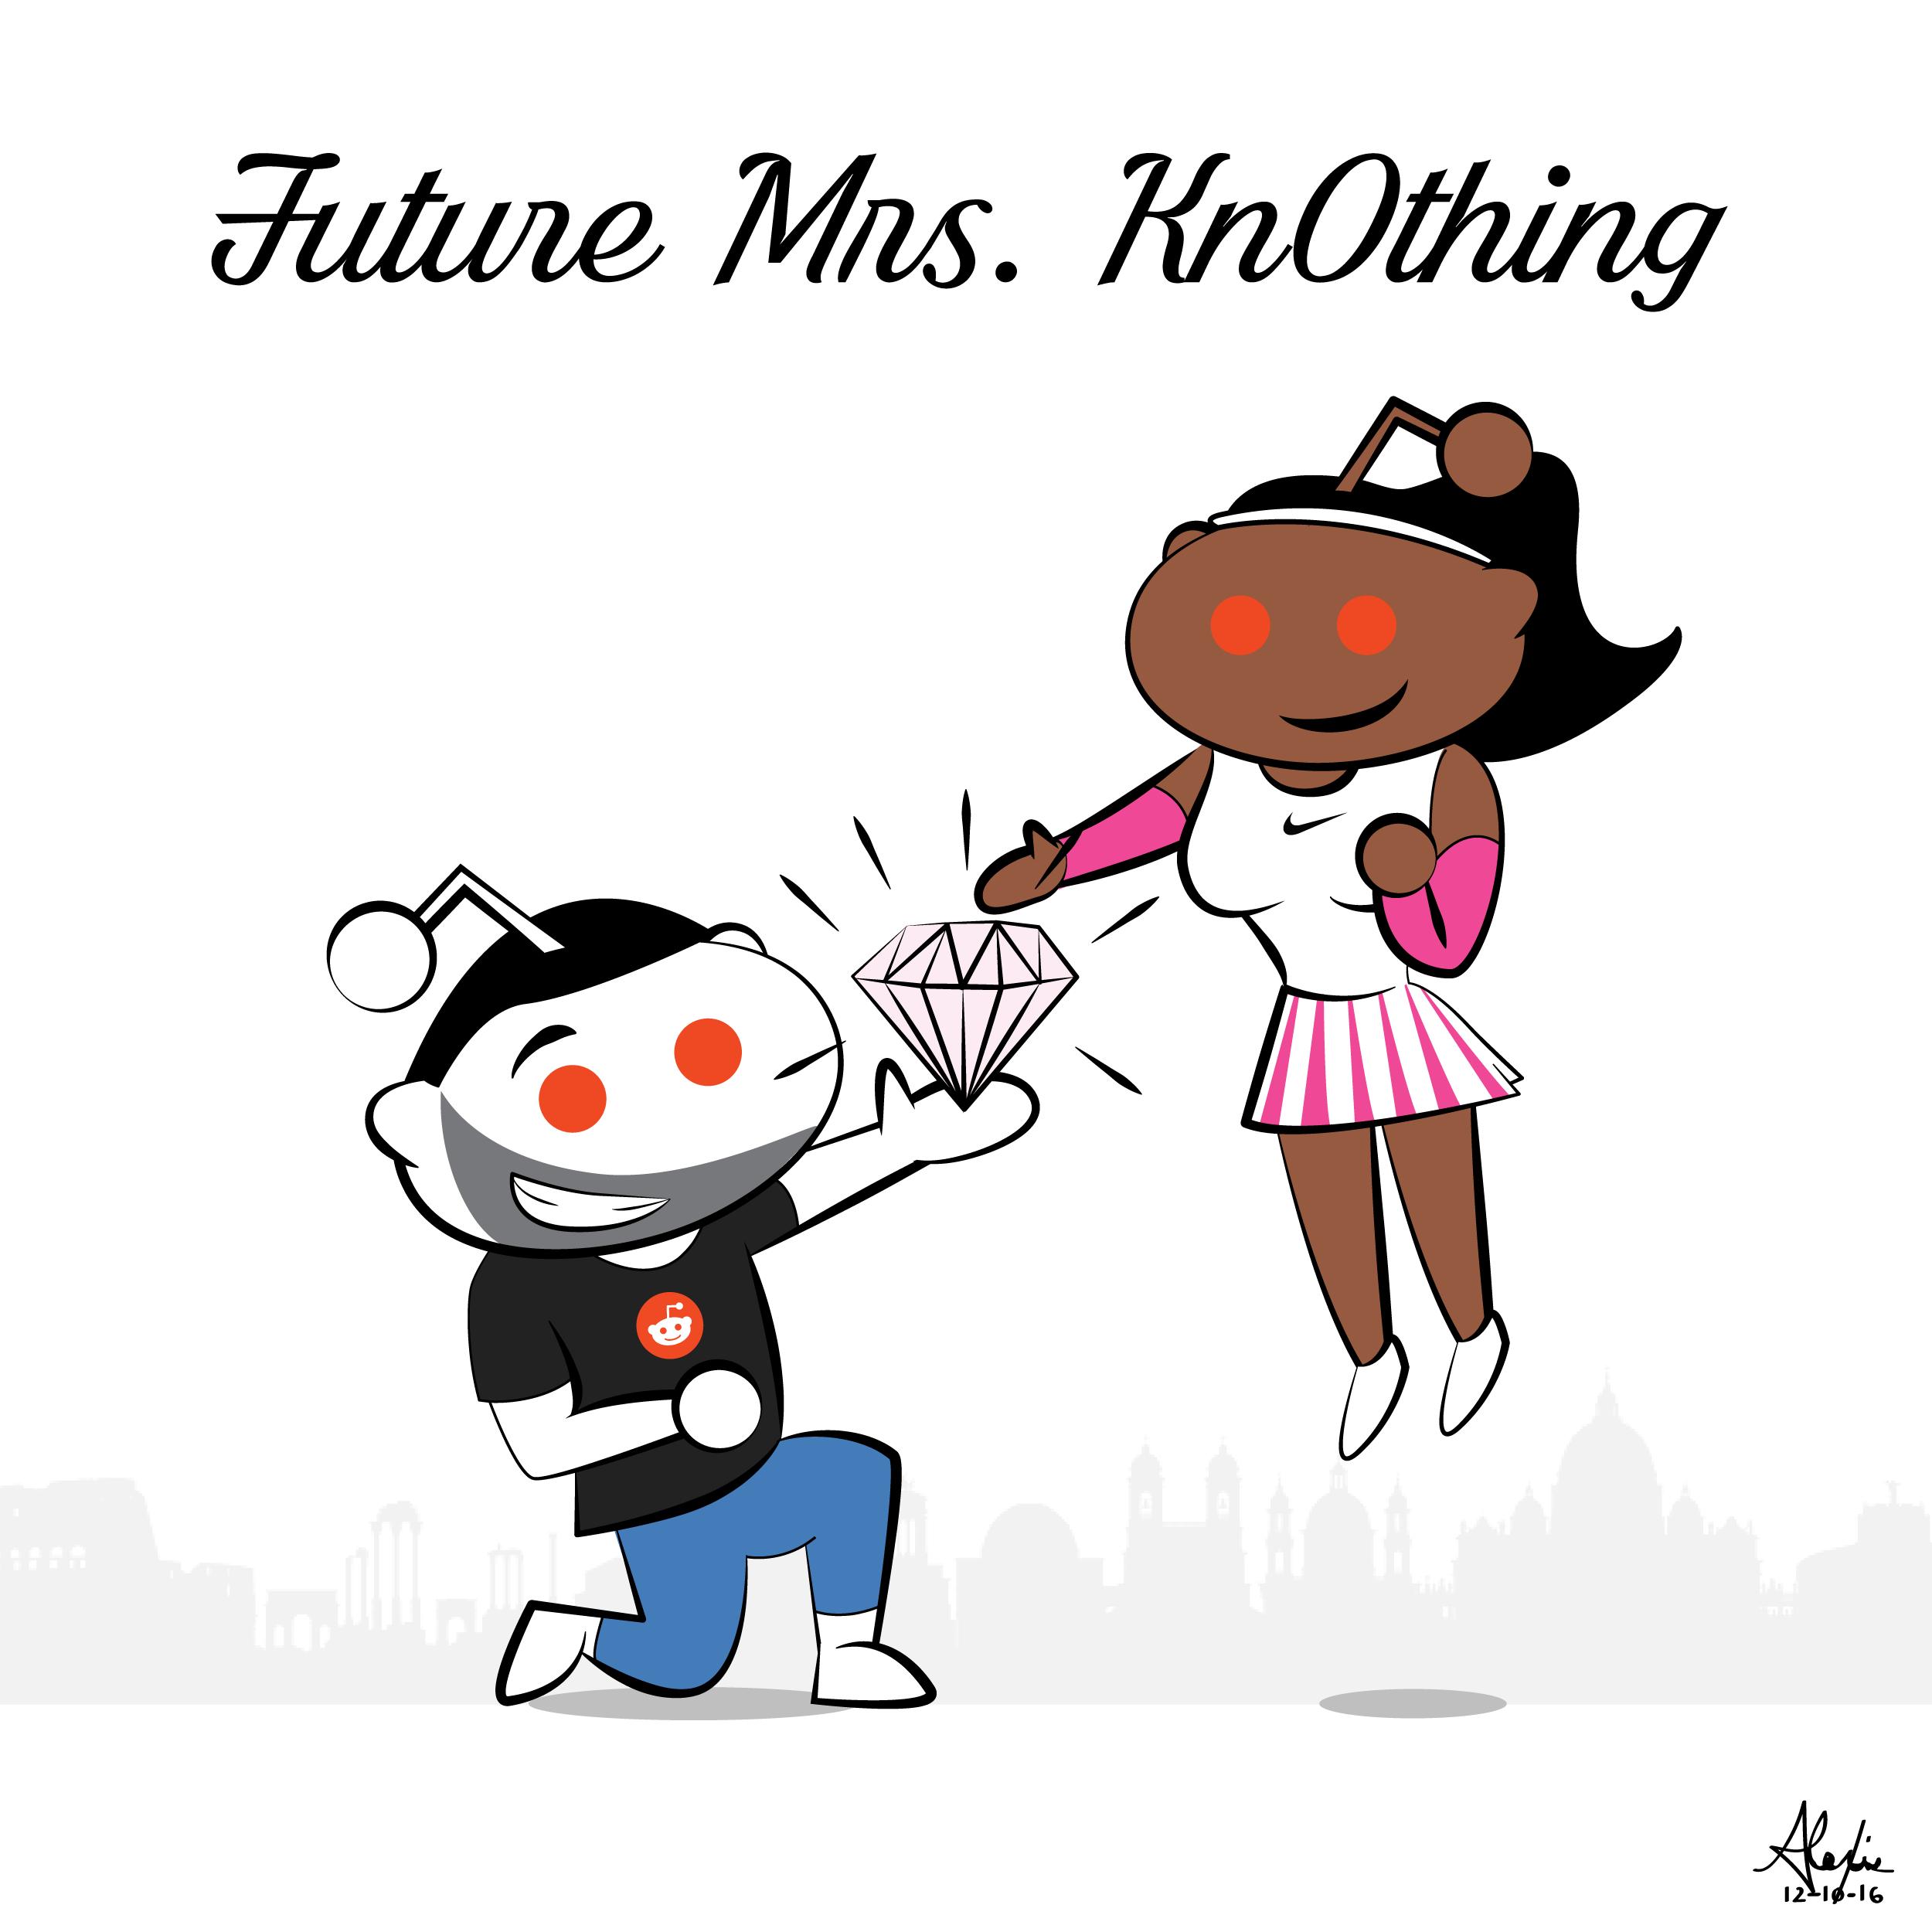 I said yes : isaidyes.